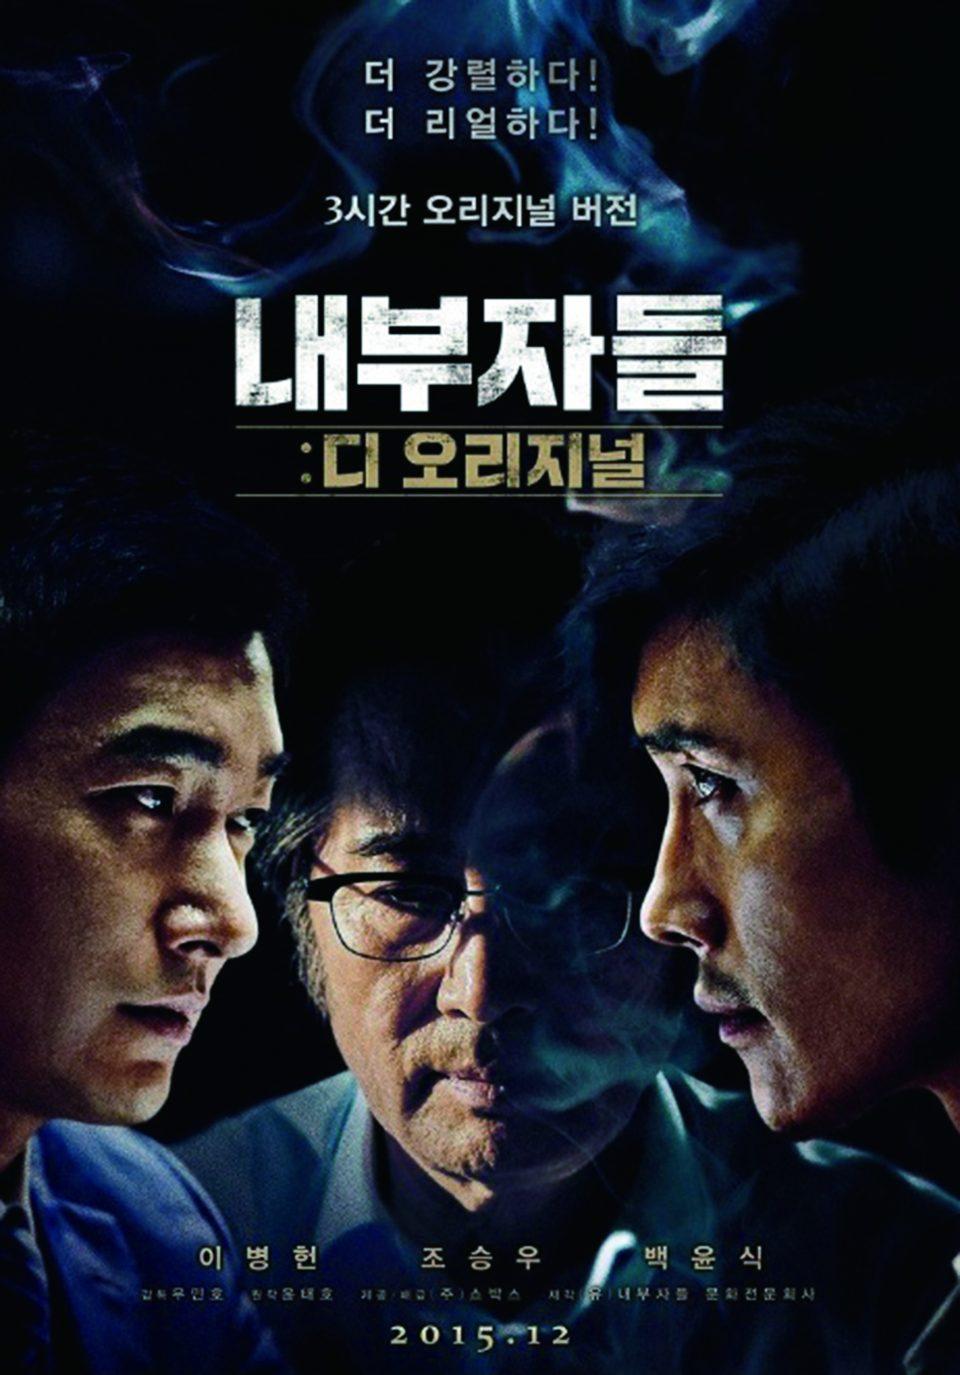 【서울=뉴시스】웹하드 파일쿠키(www.filekuki.com)는 21일 영화 '내부자들:디 오리지널' VOD 서비스를 실시한다고 밝혔다. '내부자들'은 지난 2012년 연재, 3개월도 되지 않아 돌연 연재가 중단 된 윤태호 작가의 미완 동명 웹툰을영화한 것으로 대한민국 사회를 움직이는 정치인, 재벌, 언론인 등 권력의 내부자들에 의해 배신당한 정치깡패와 출세를 바라는 검사가 권력의 추악한 실상을 드러내고 이들 내부자들에 대한 복수를 보여준다. '내부자들:디 오리지널'에는 본편에서 공개되지 않았던 캐릭터들의 과거 이야기, 추가된 오프닝과엔딩 등이 담겨있으며, 웹하드파일쿠키에서감상할 수 있다. 2016.01.21. (사진=몬스터주식회사 제공) photo@newsis.com